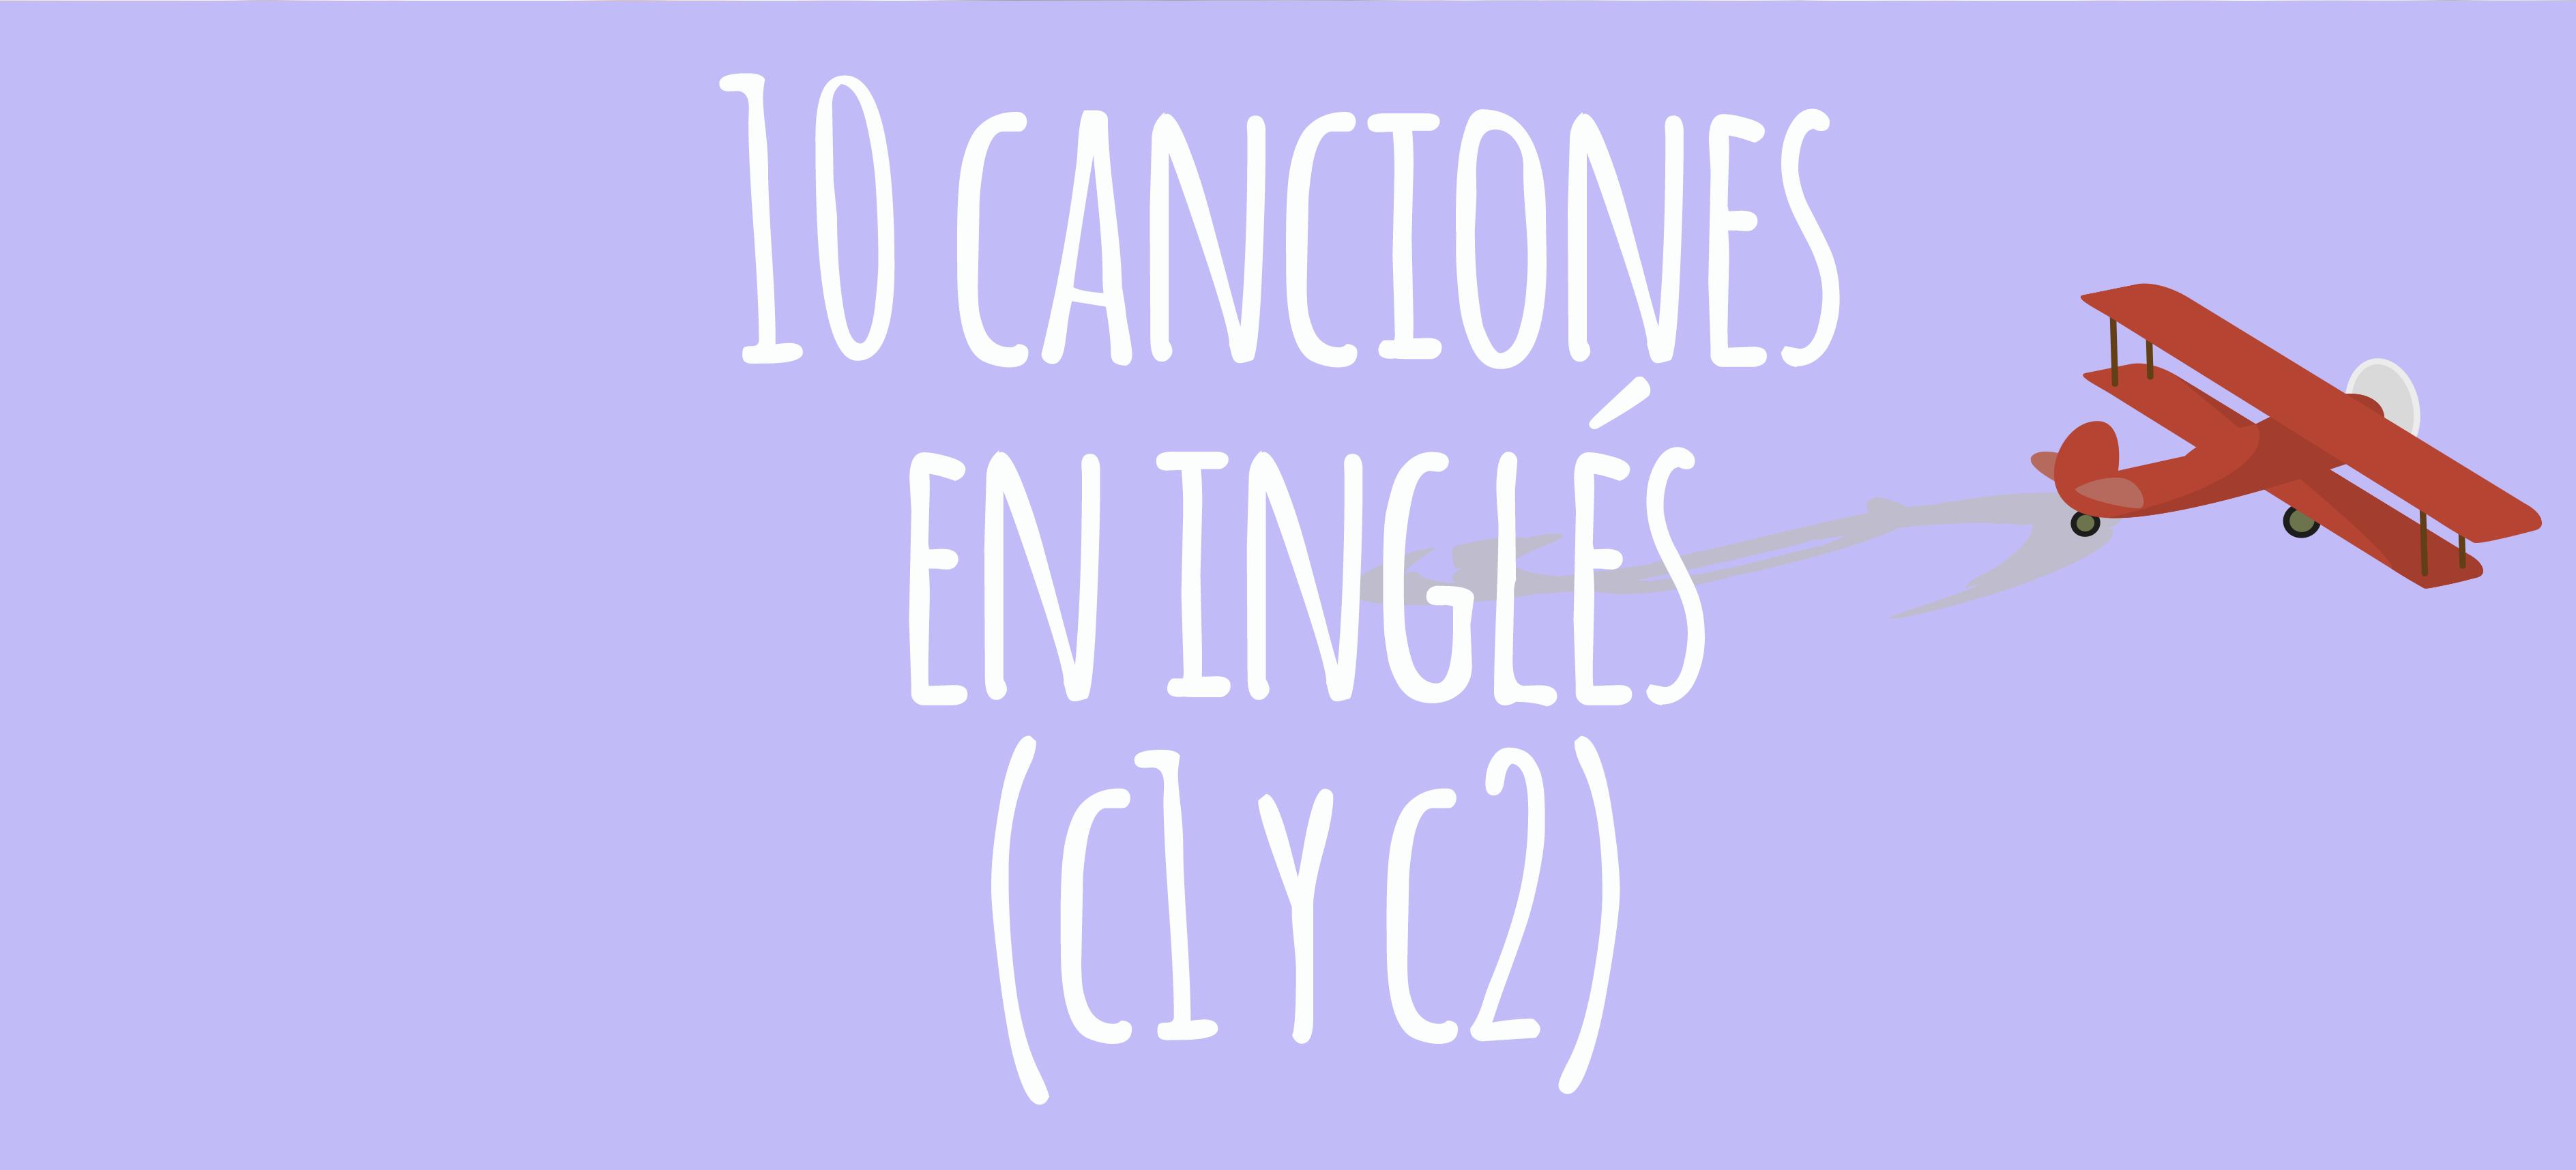 10-canciones-en-inglés-(c1-y-c2)